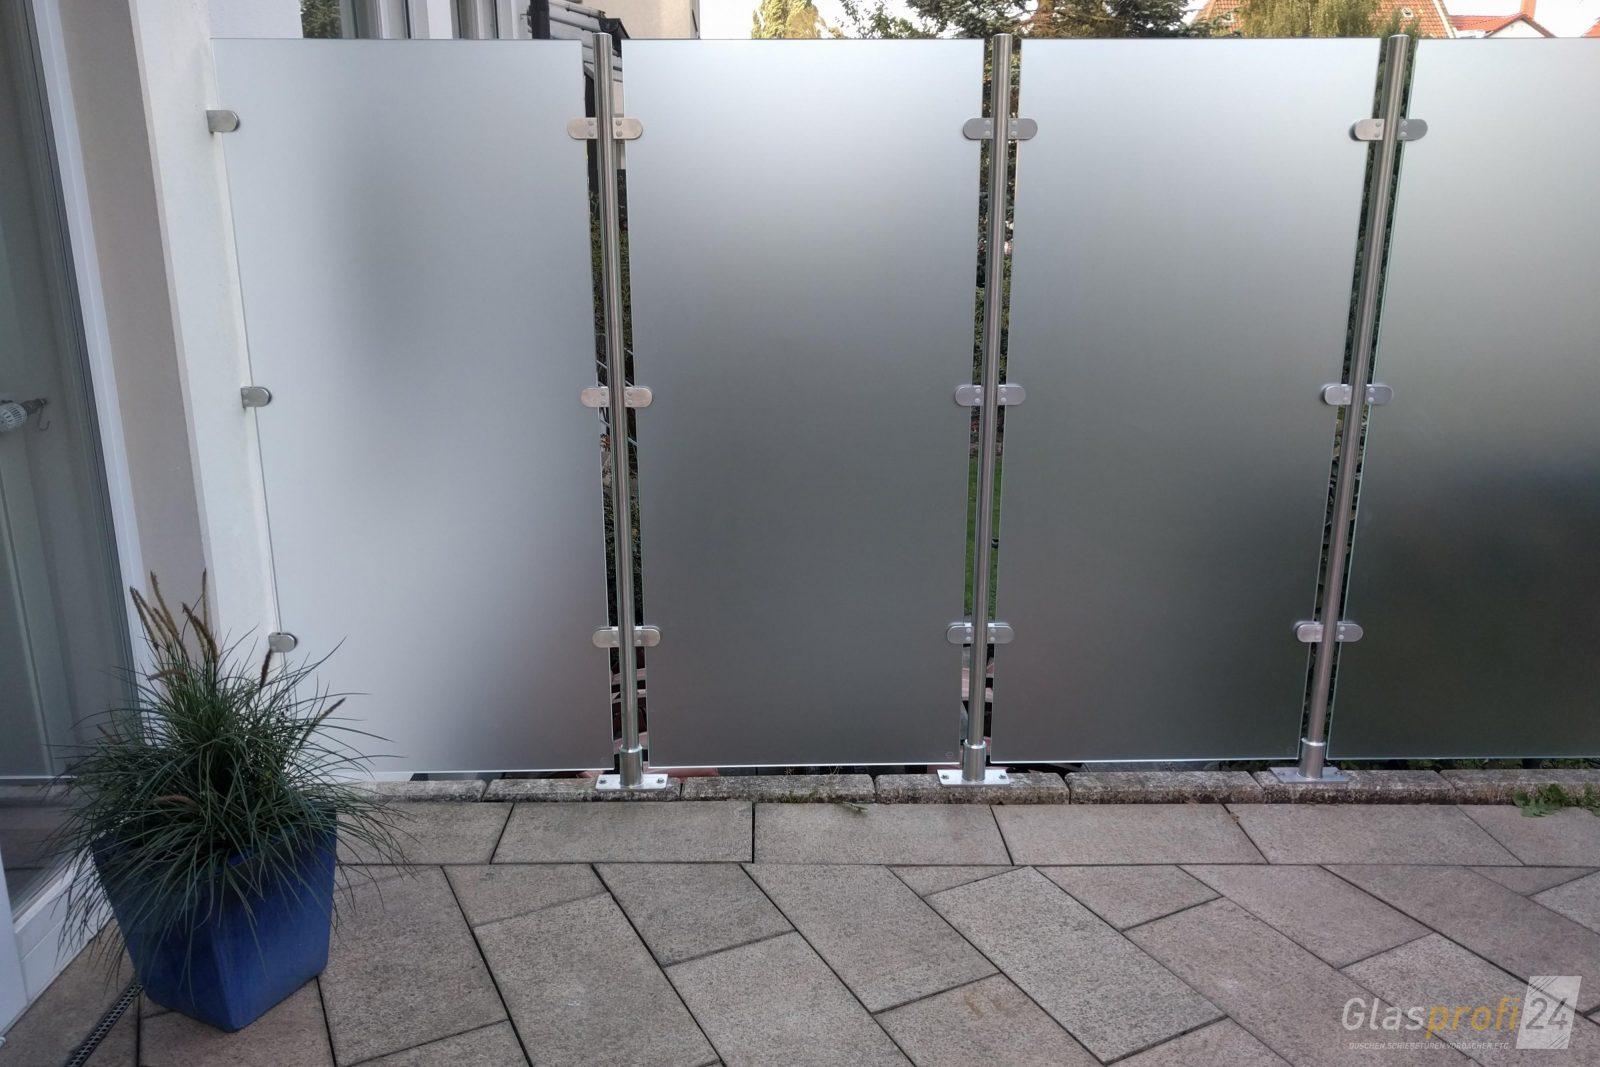 Glaszaun Transvent Als Sichtschutz Im Garten  Glasprofi24 von Edelstahl Zaun Aus Polen Bild